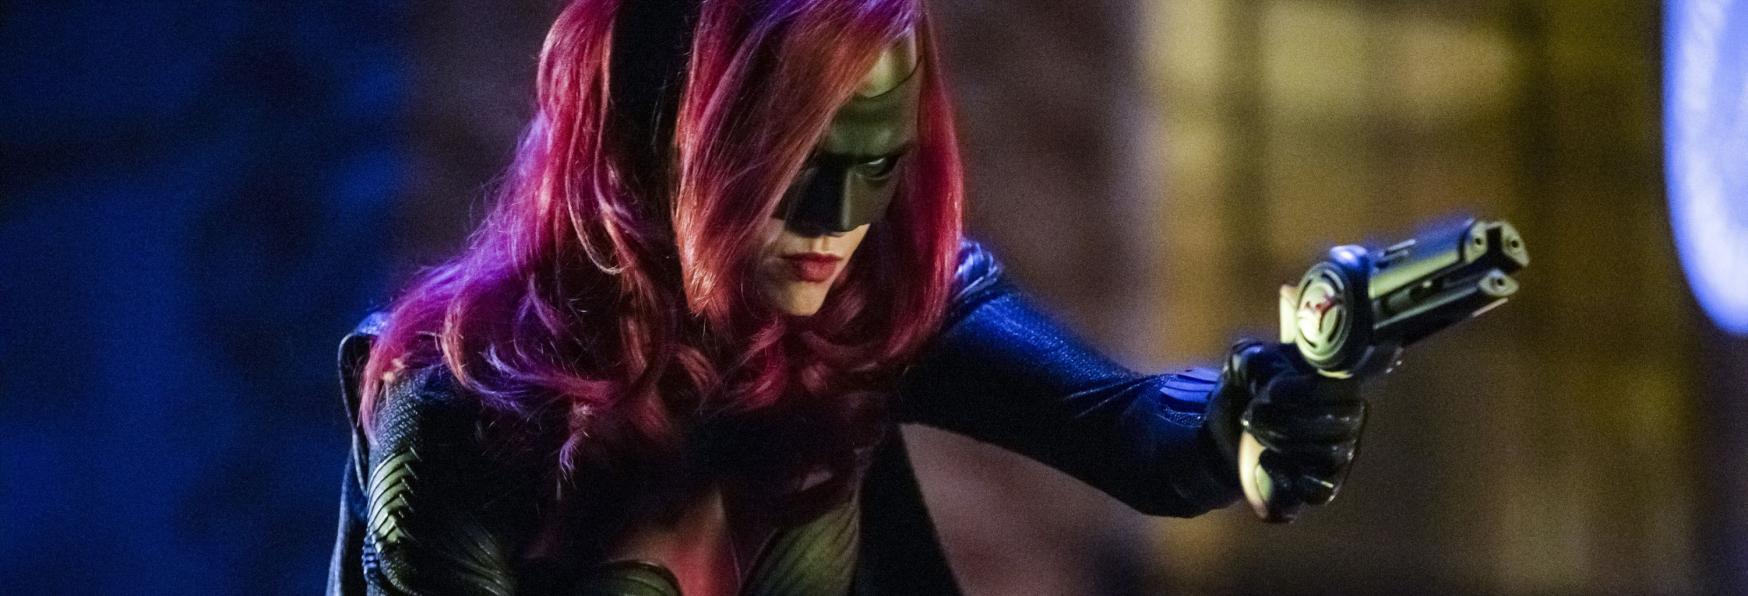 Batwoman: la Showrunner rivela come la sparizione di Kate Kane influenzerà la Seconda Stagione